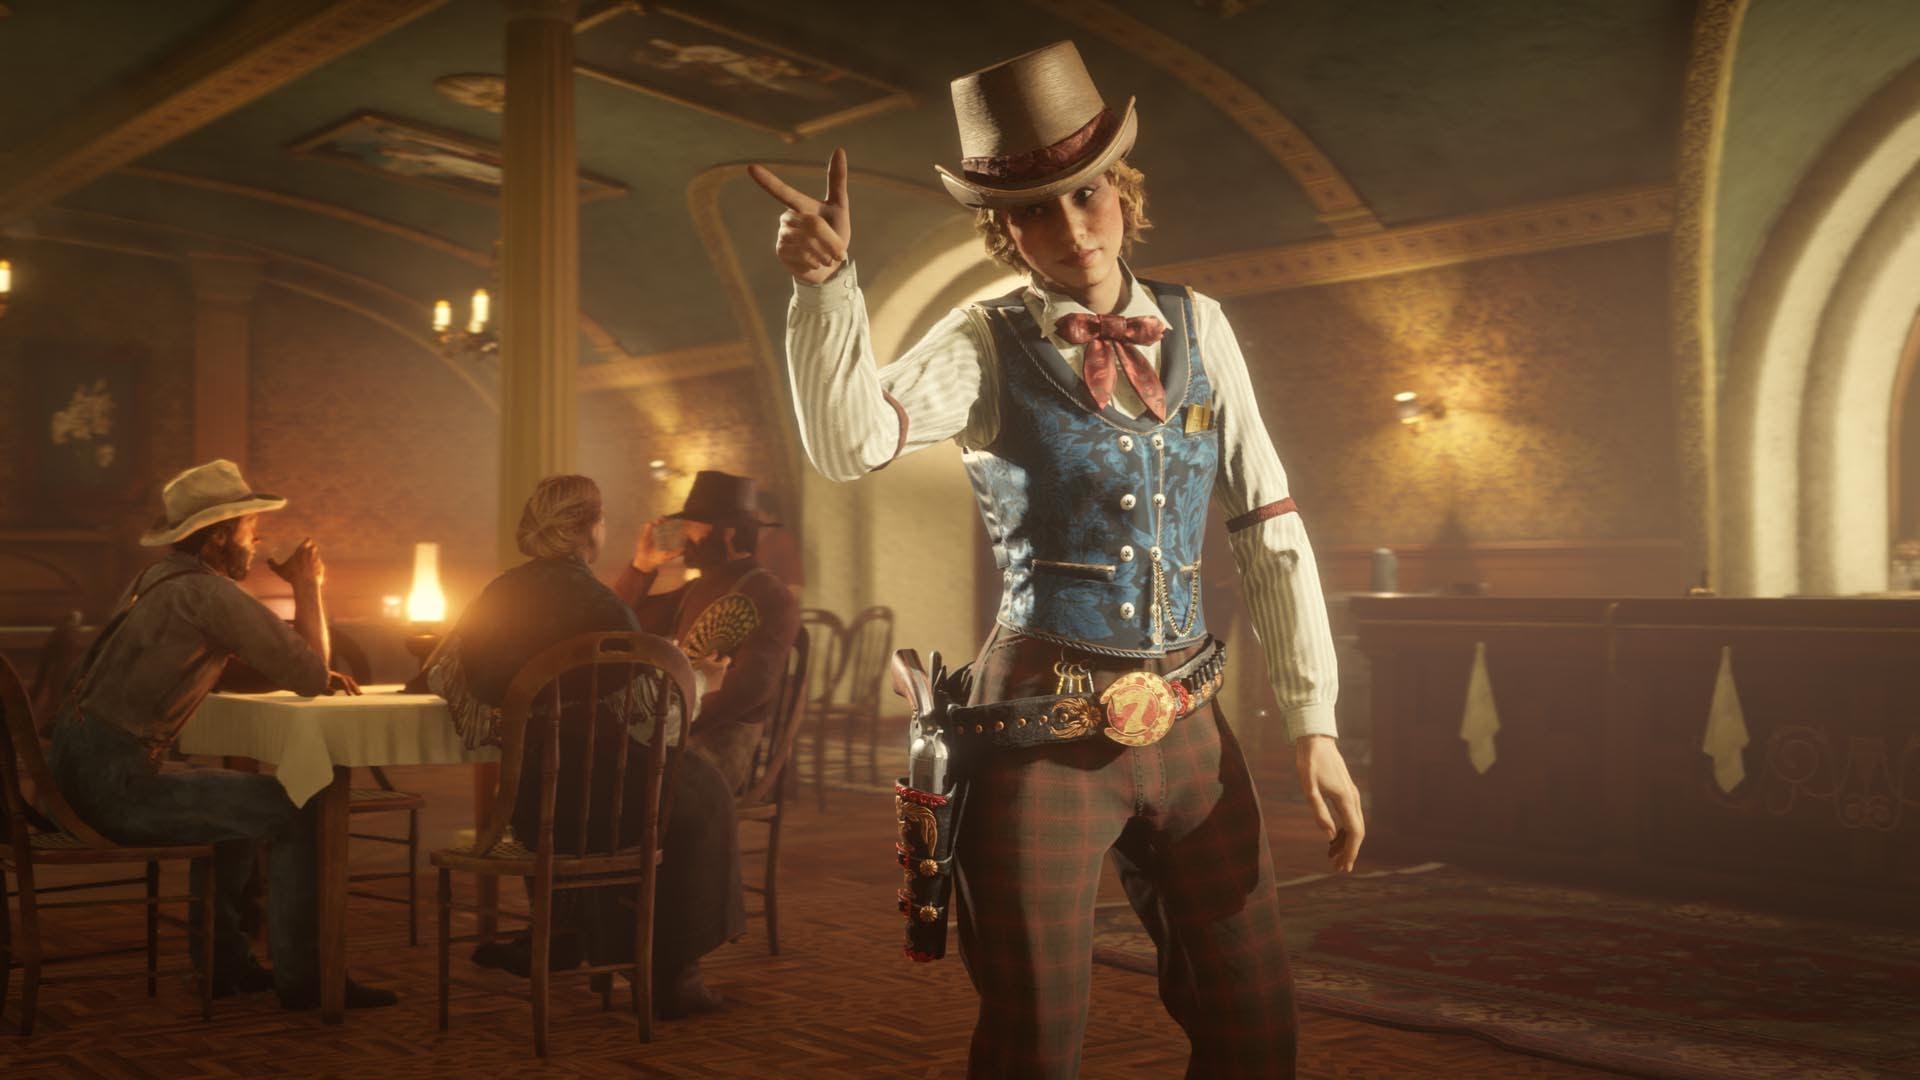 Confirmada la fecha para la llegada de nuevas historias y el modo foto a Red Dead Redemption 2 en Xbox One 2